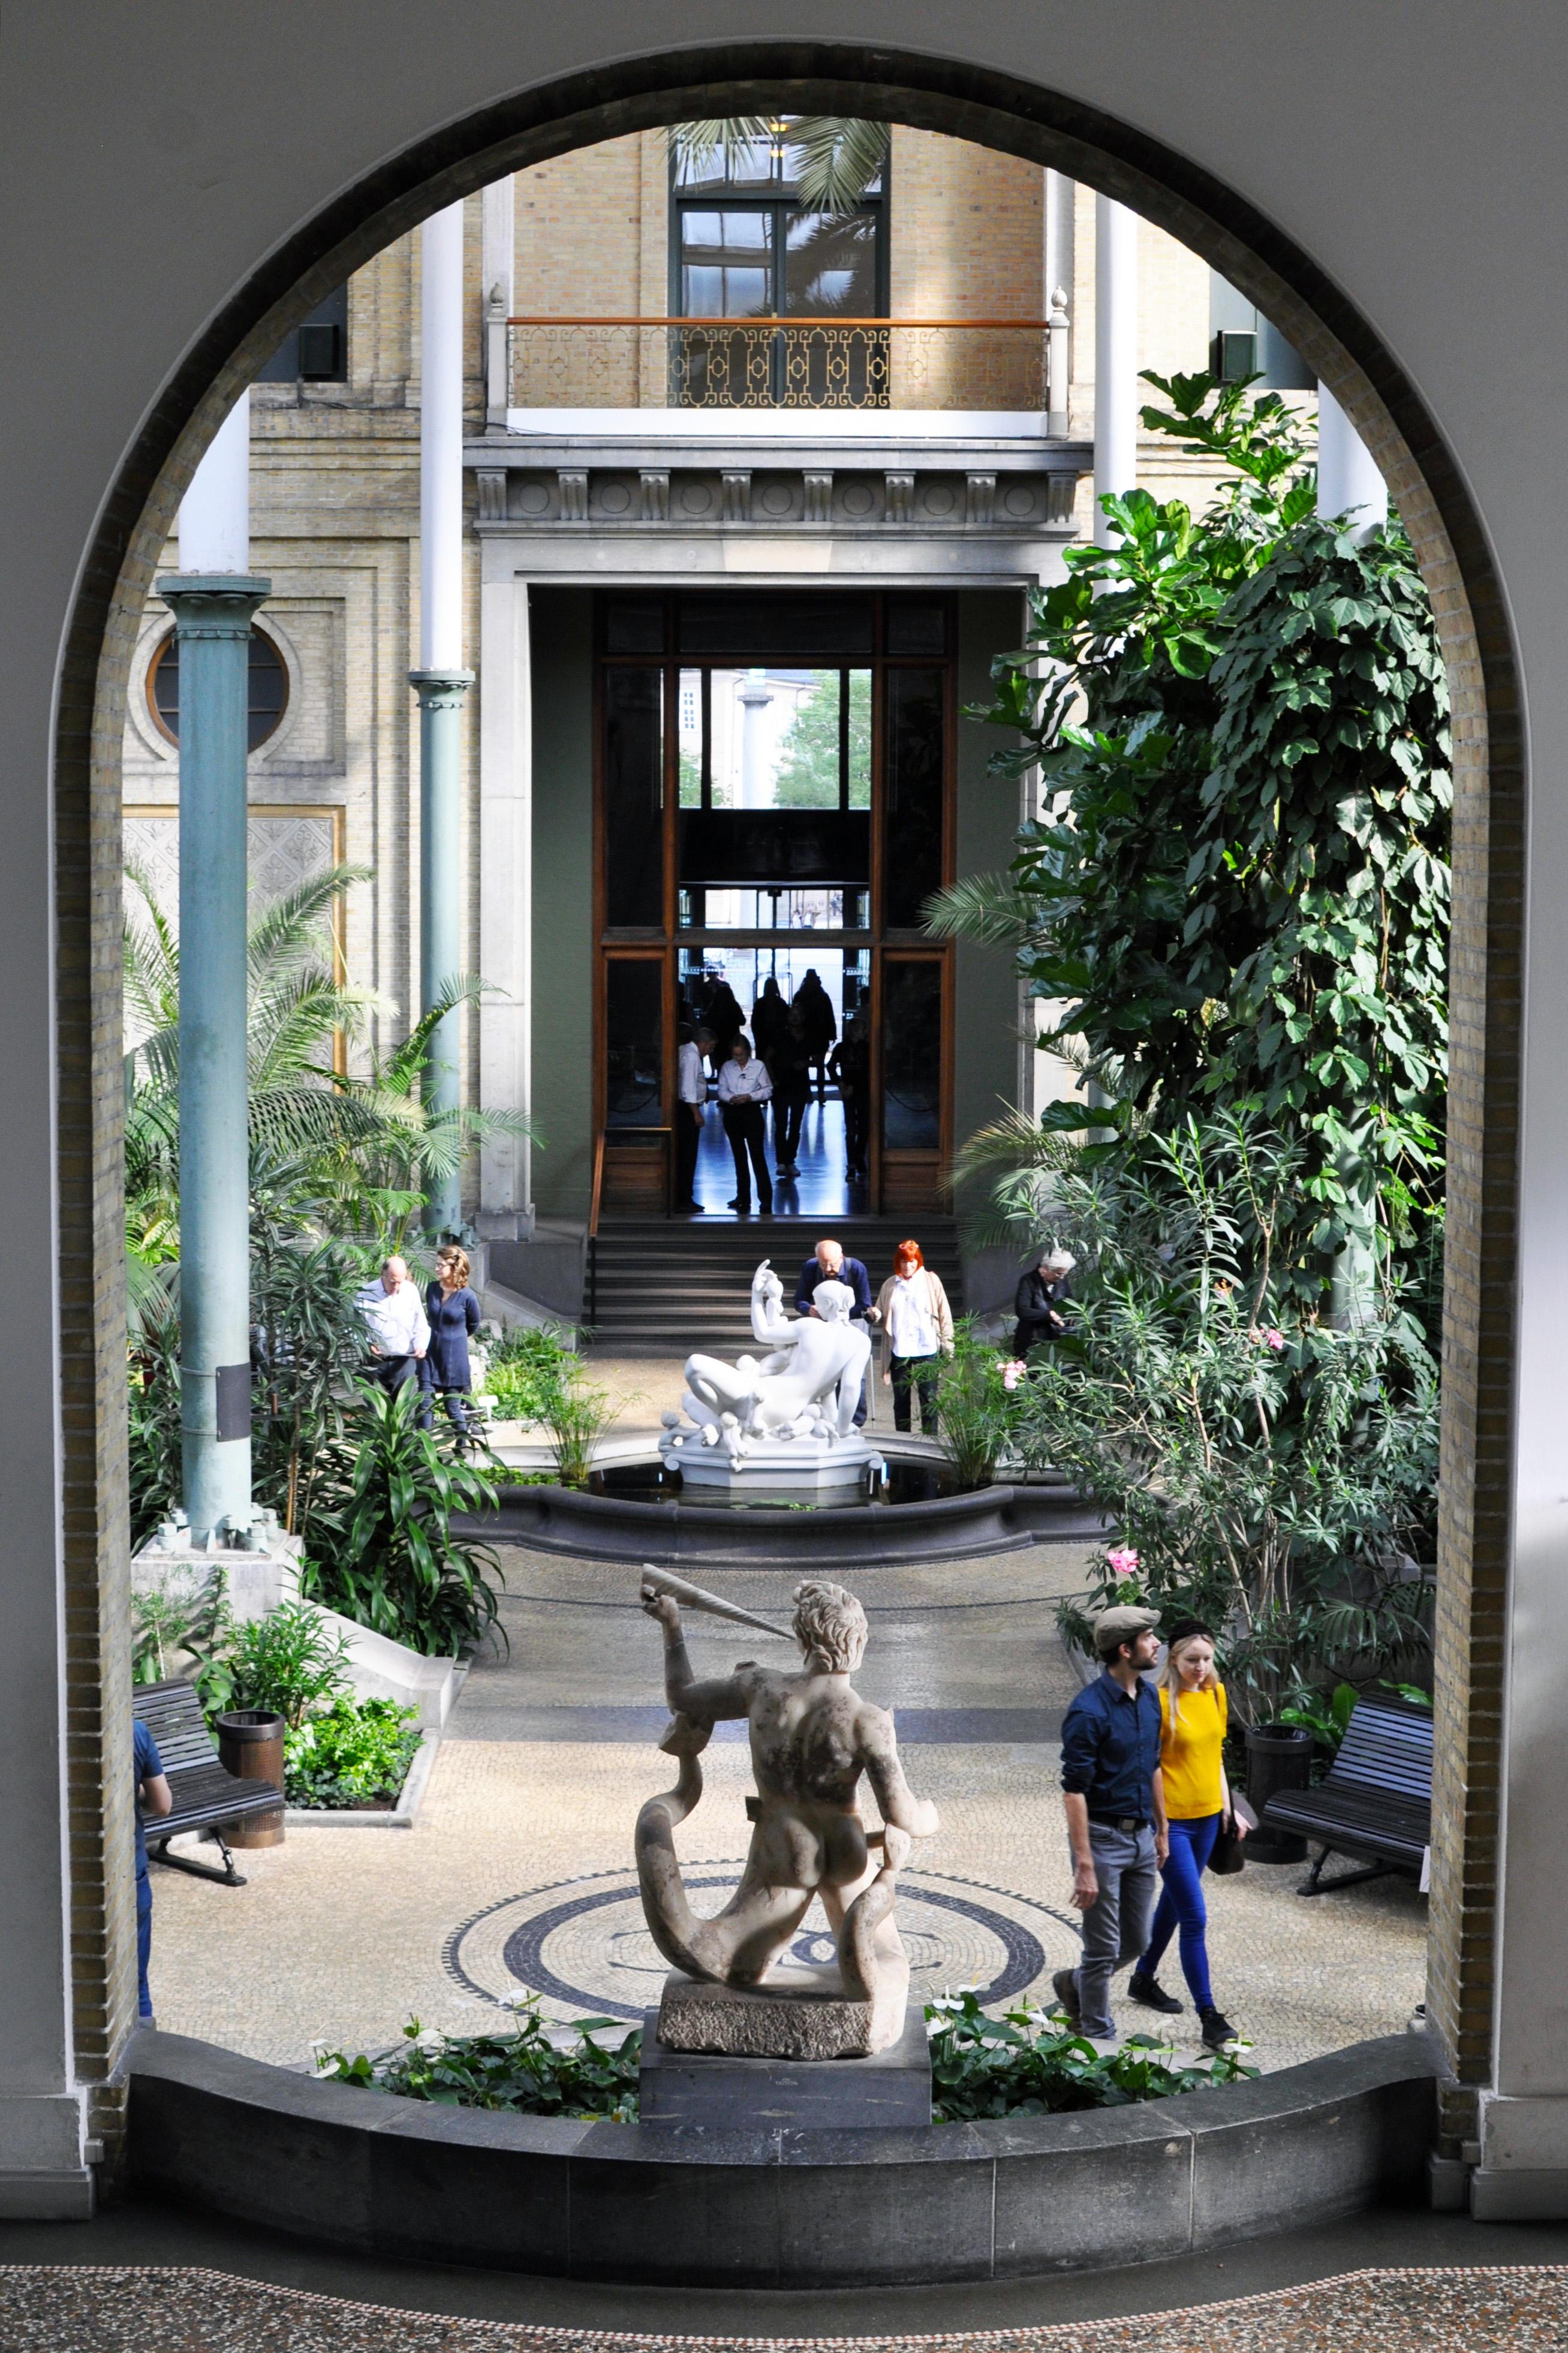 winter garden sculptures at ny carlsberg glyptoteket museum see